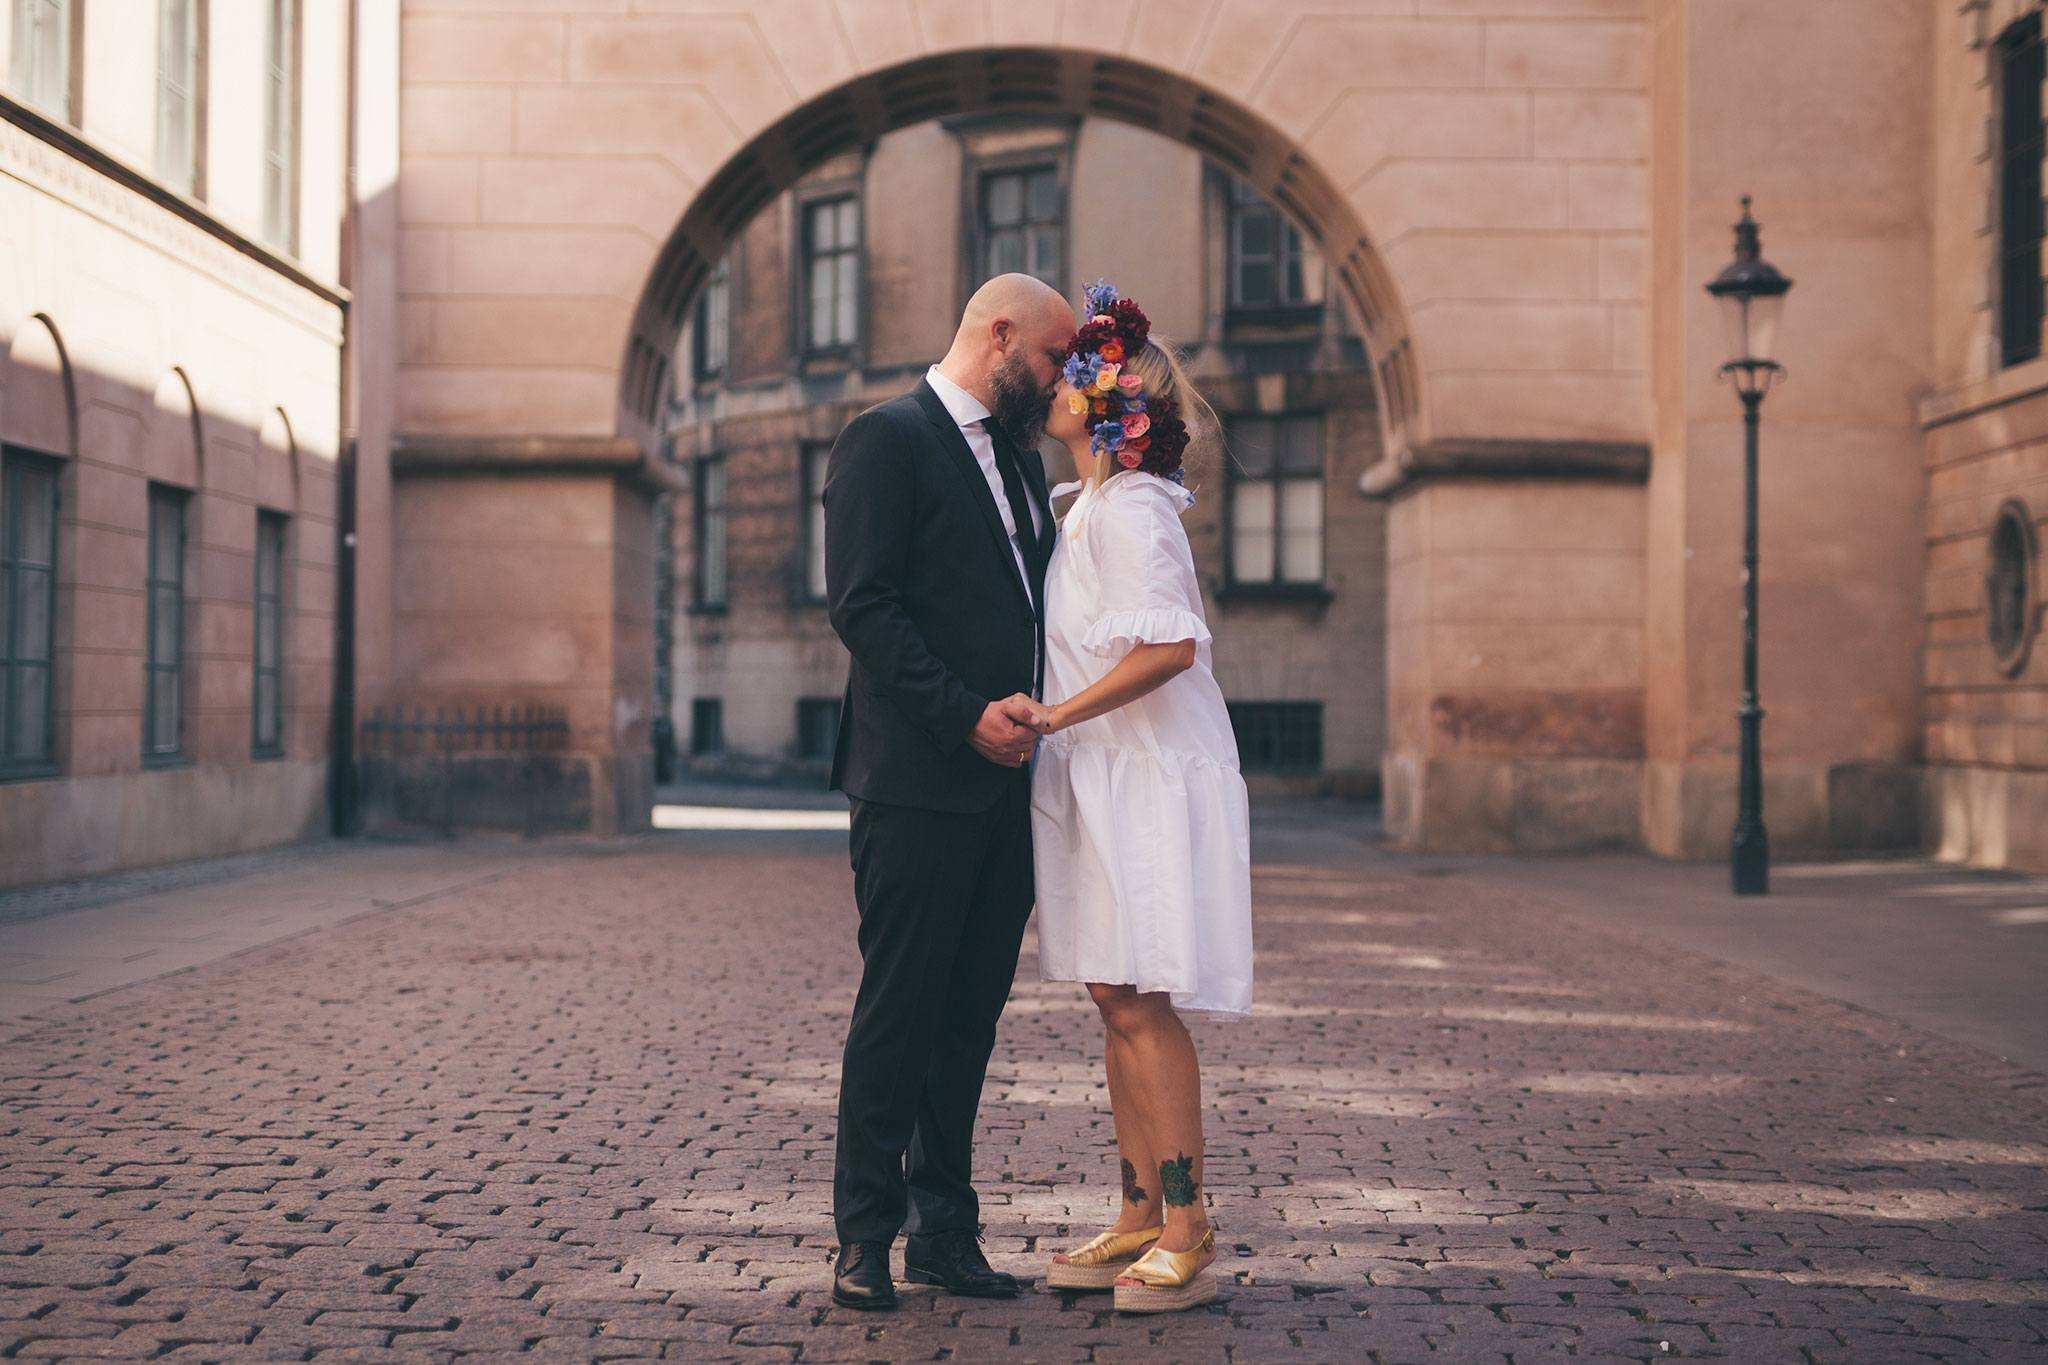 mads_eneqvist_weddings_by_me_bryllupsbilleder_forside_3_compressed Forside